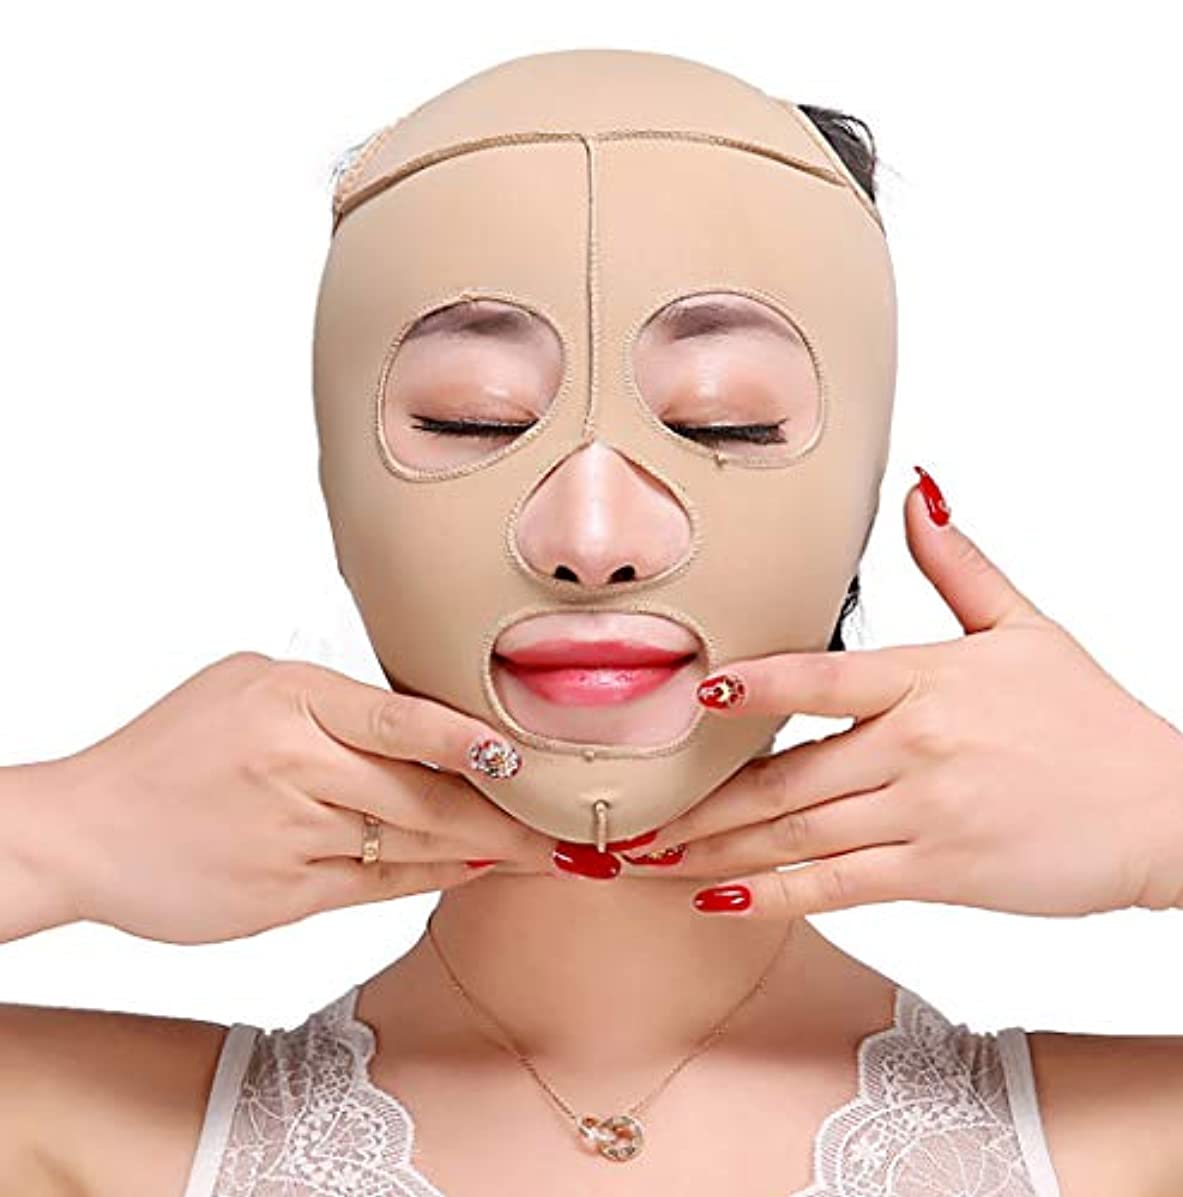 防腐剤彼女自身韓国GLJJQMY 痩身ベルト痩身ベルト薄い顔の包帯小V顔の顔の薄い顔のマスク包帯の強化引き締めV顔美容マスク小さな顔の包帯の頭飾り修正顔の形 顔用整形マスク (Size : M)